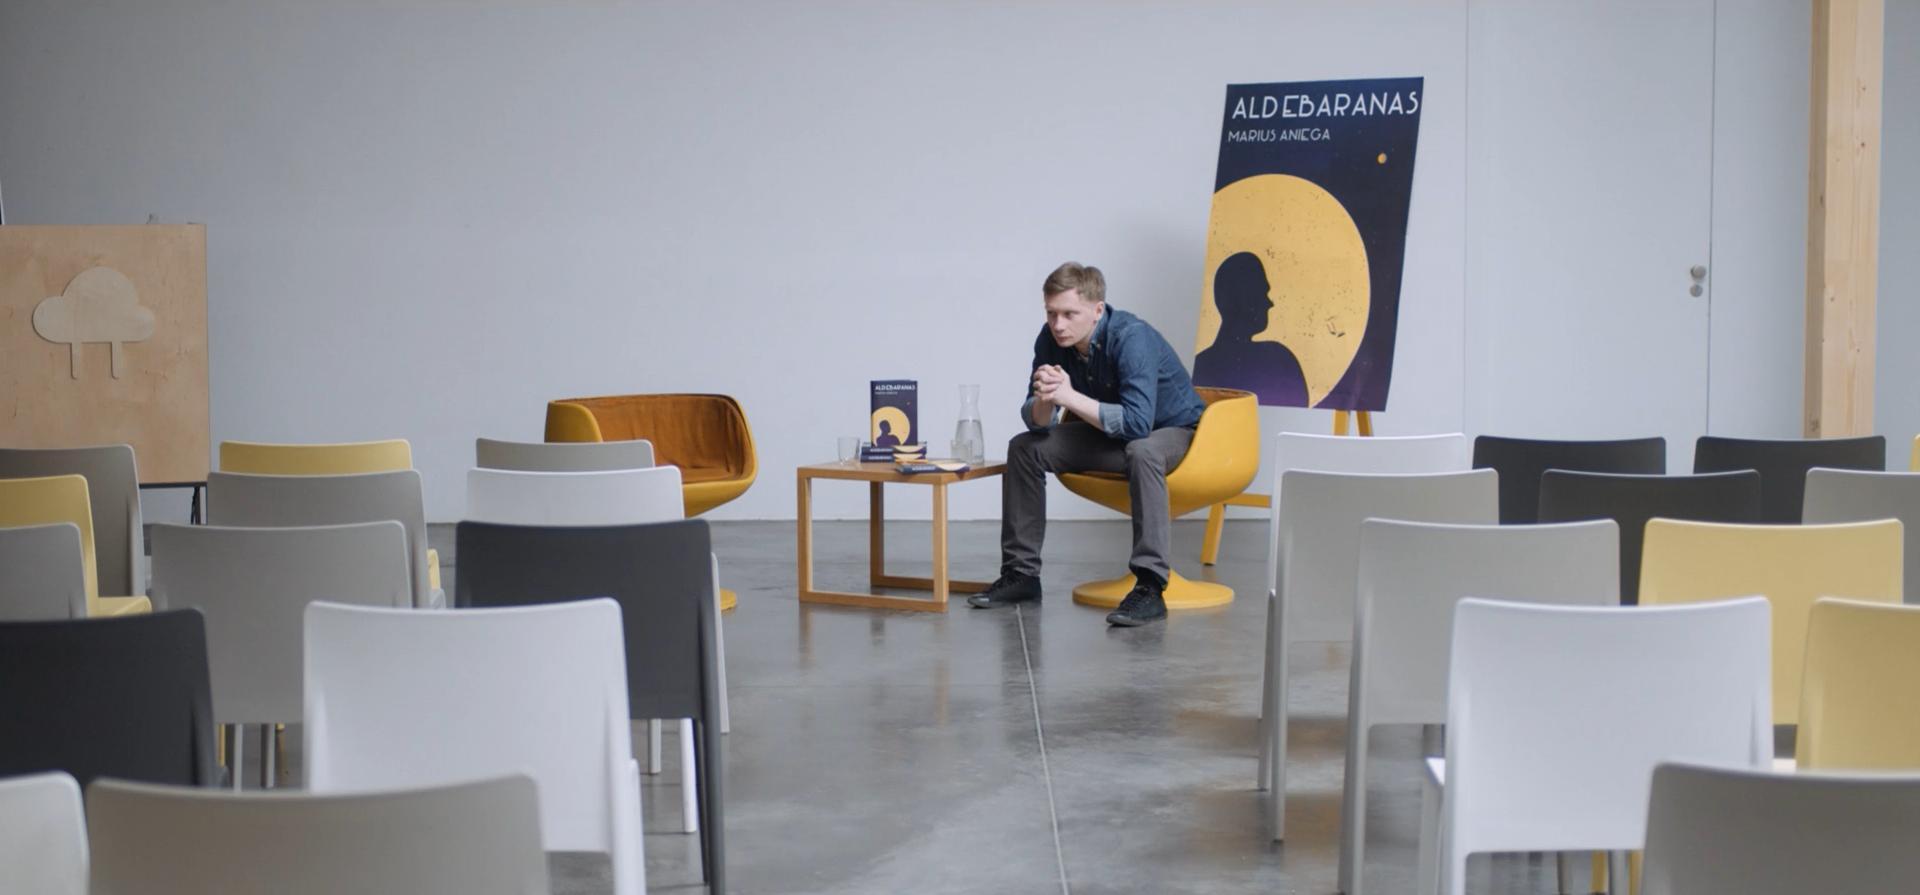 Valentin Novopolskij in Aldebaran (2018)